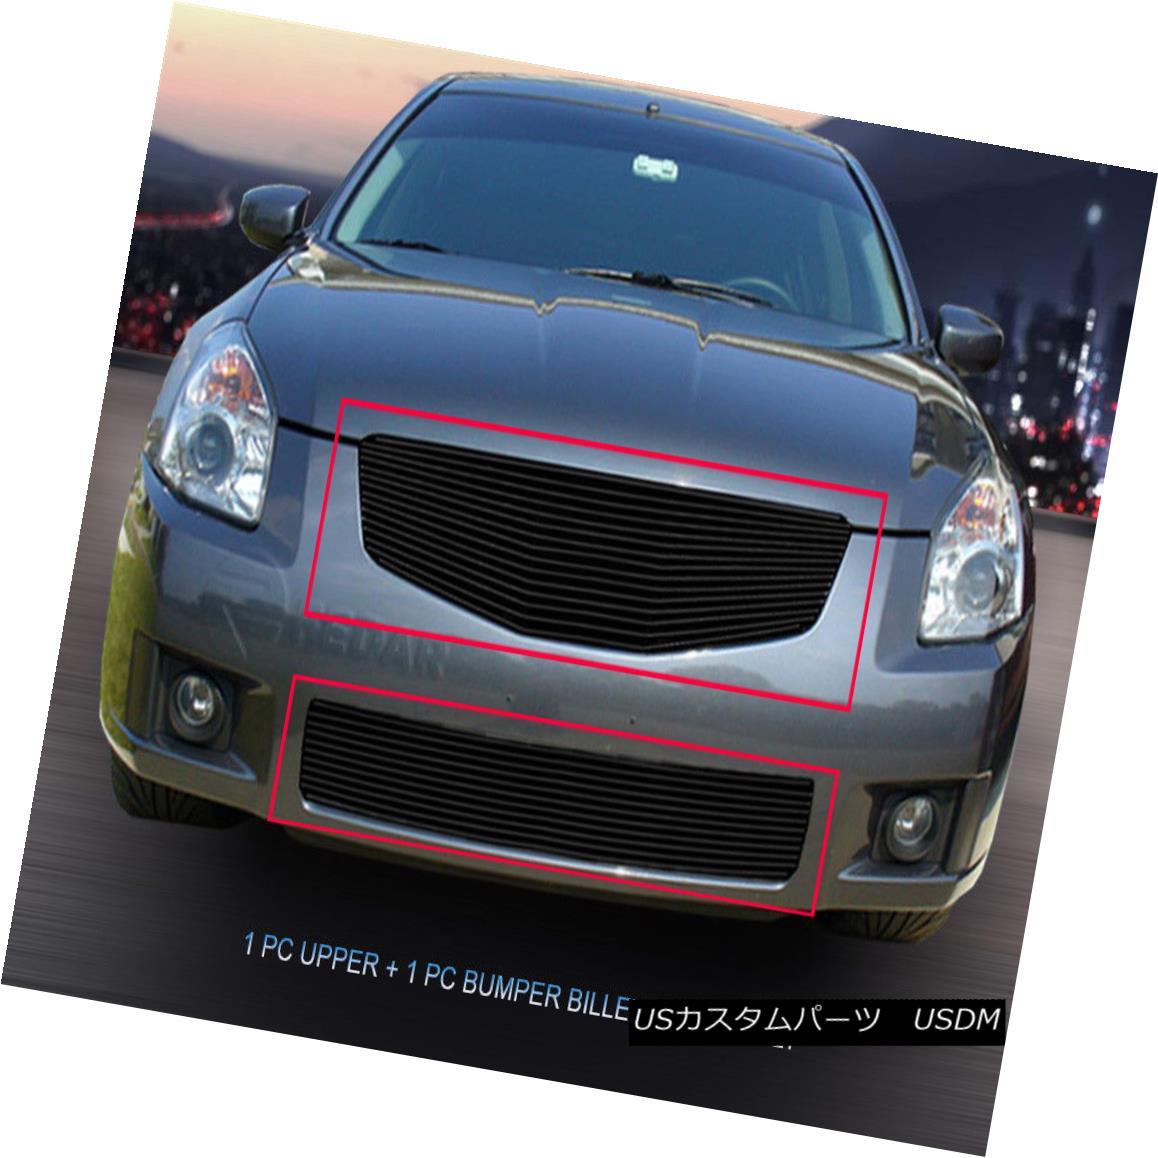 グリル Fits 2007-2008 Nissan Maxima Billet Black Grille Grill Combo Insert Fedar フィット2007年?2008年日産マキシマビレットブラックグリルグリルコンボインサートFedar